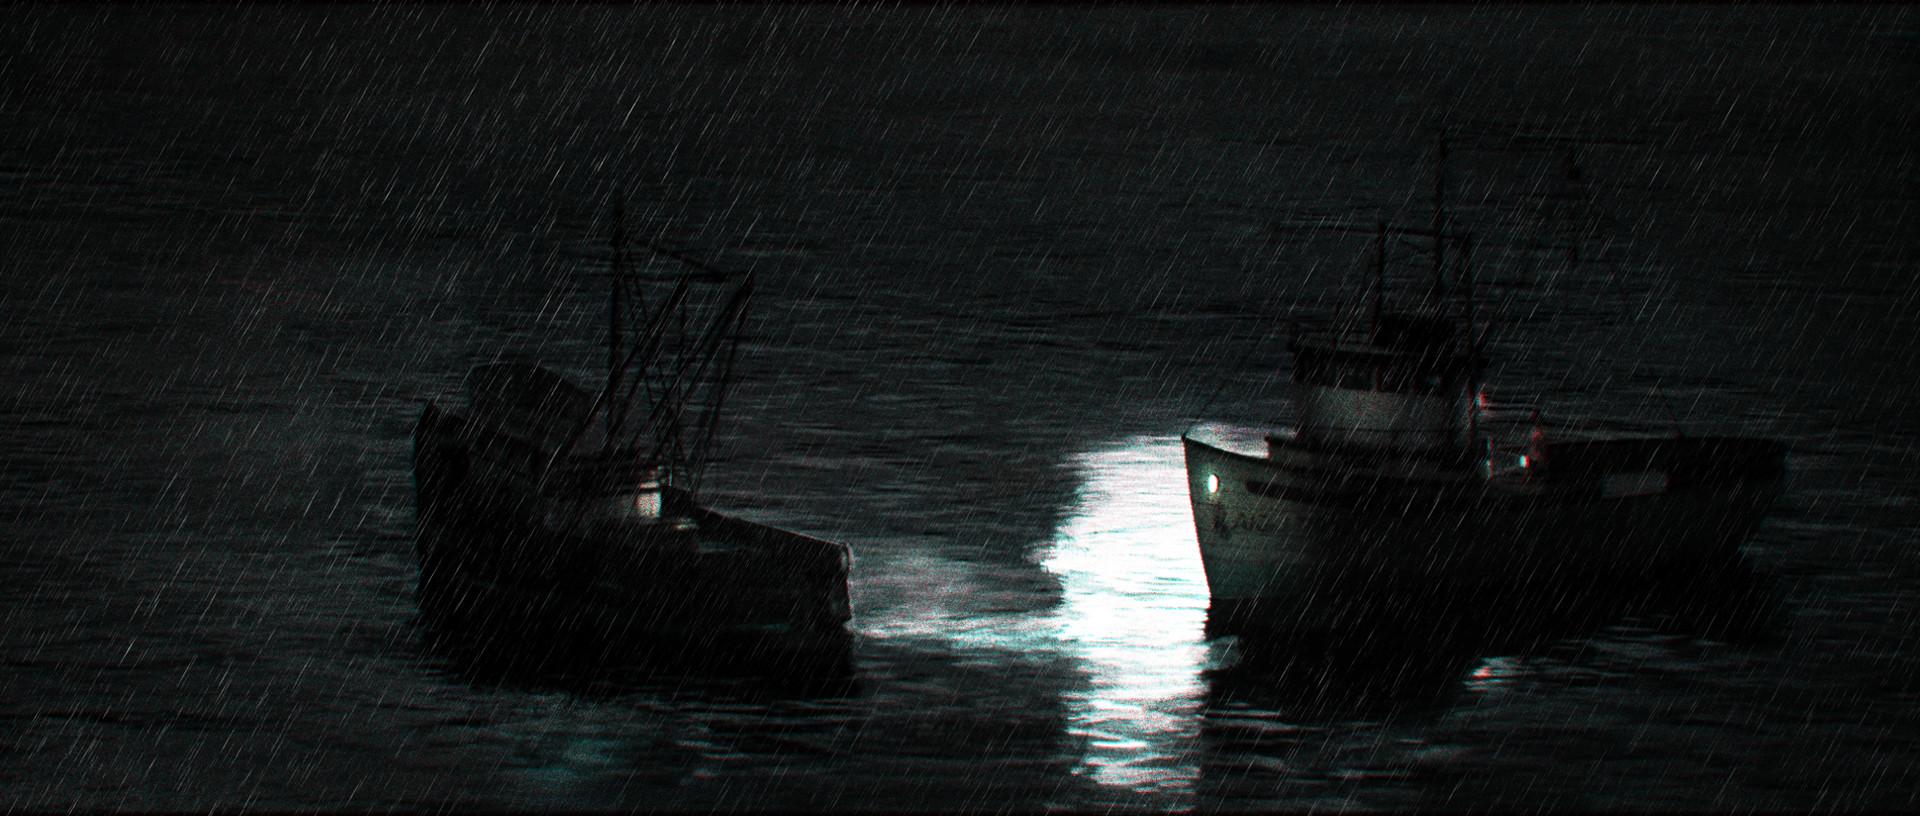 Dani palacio boats 2